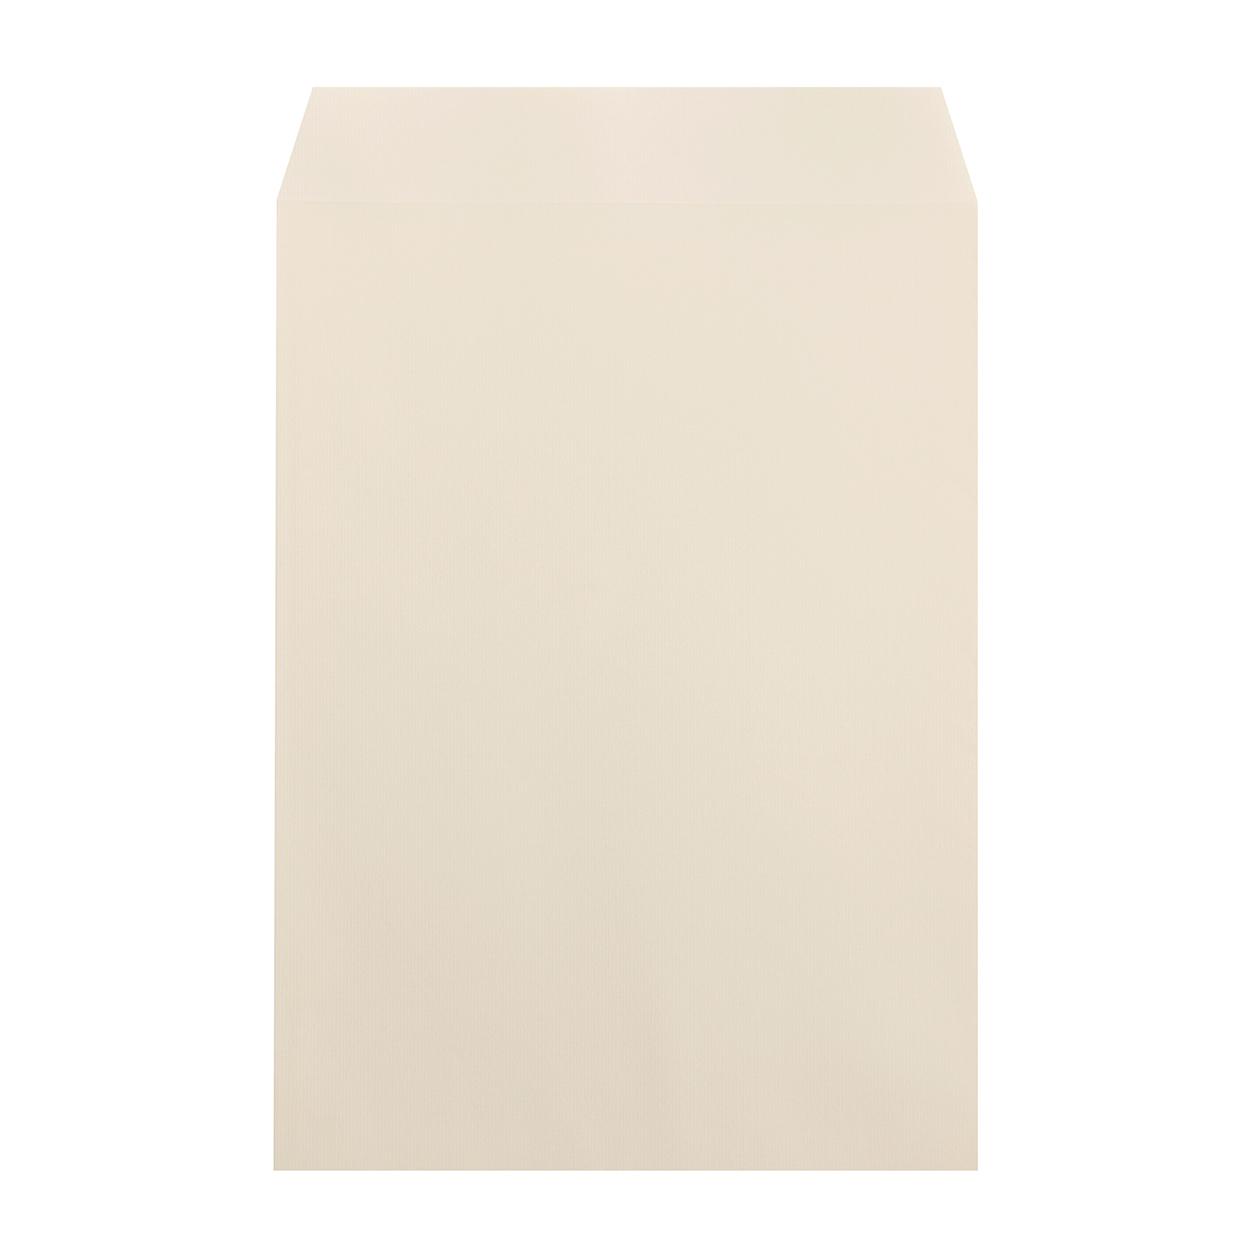 角2封筒 コットンレイド ナチュラル 116.3g